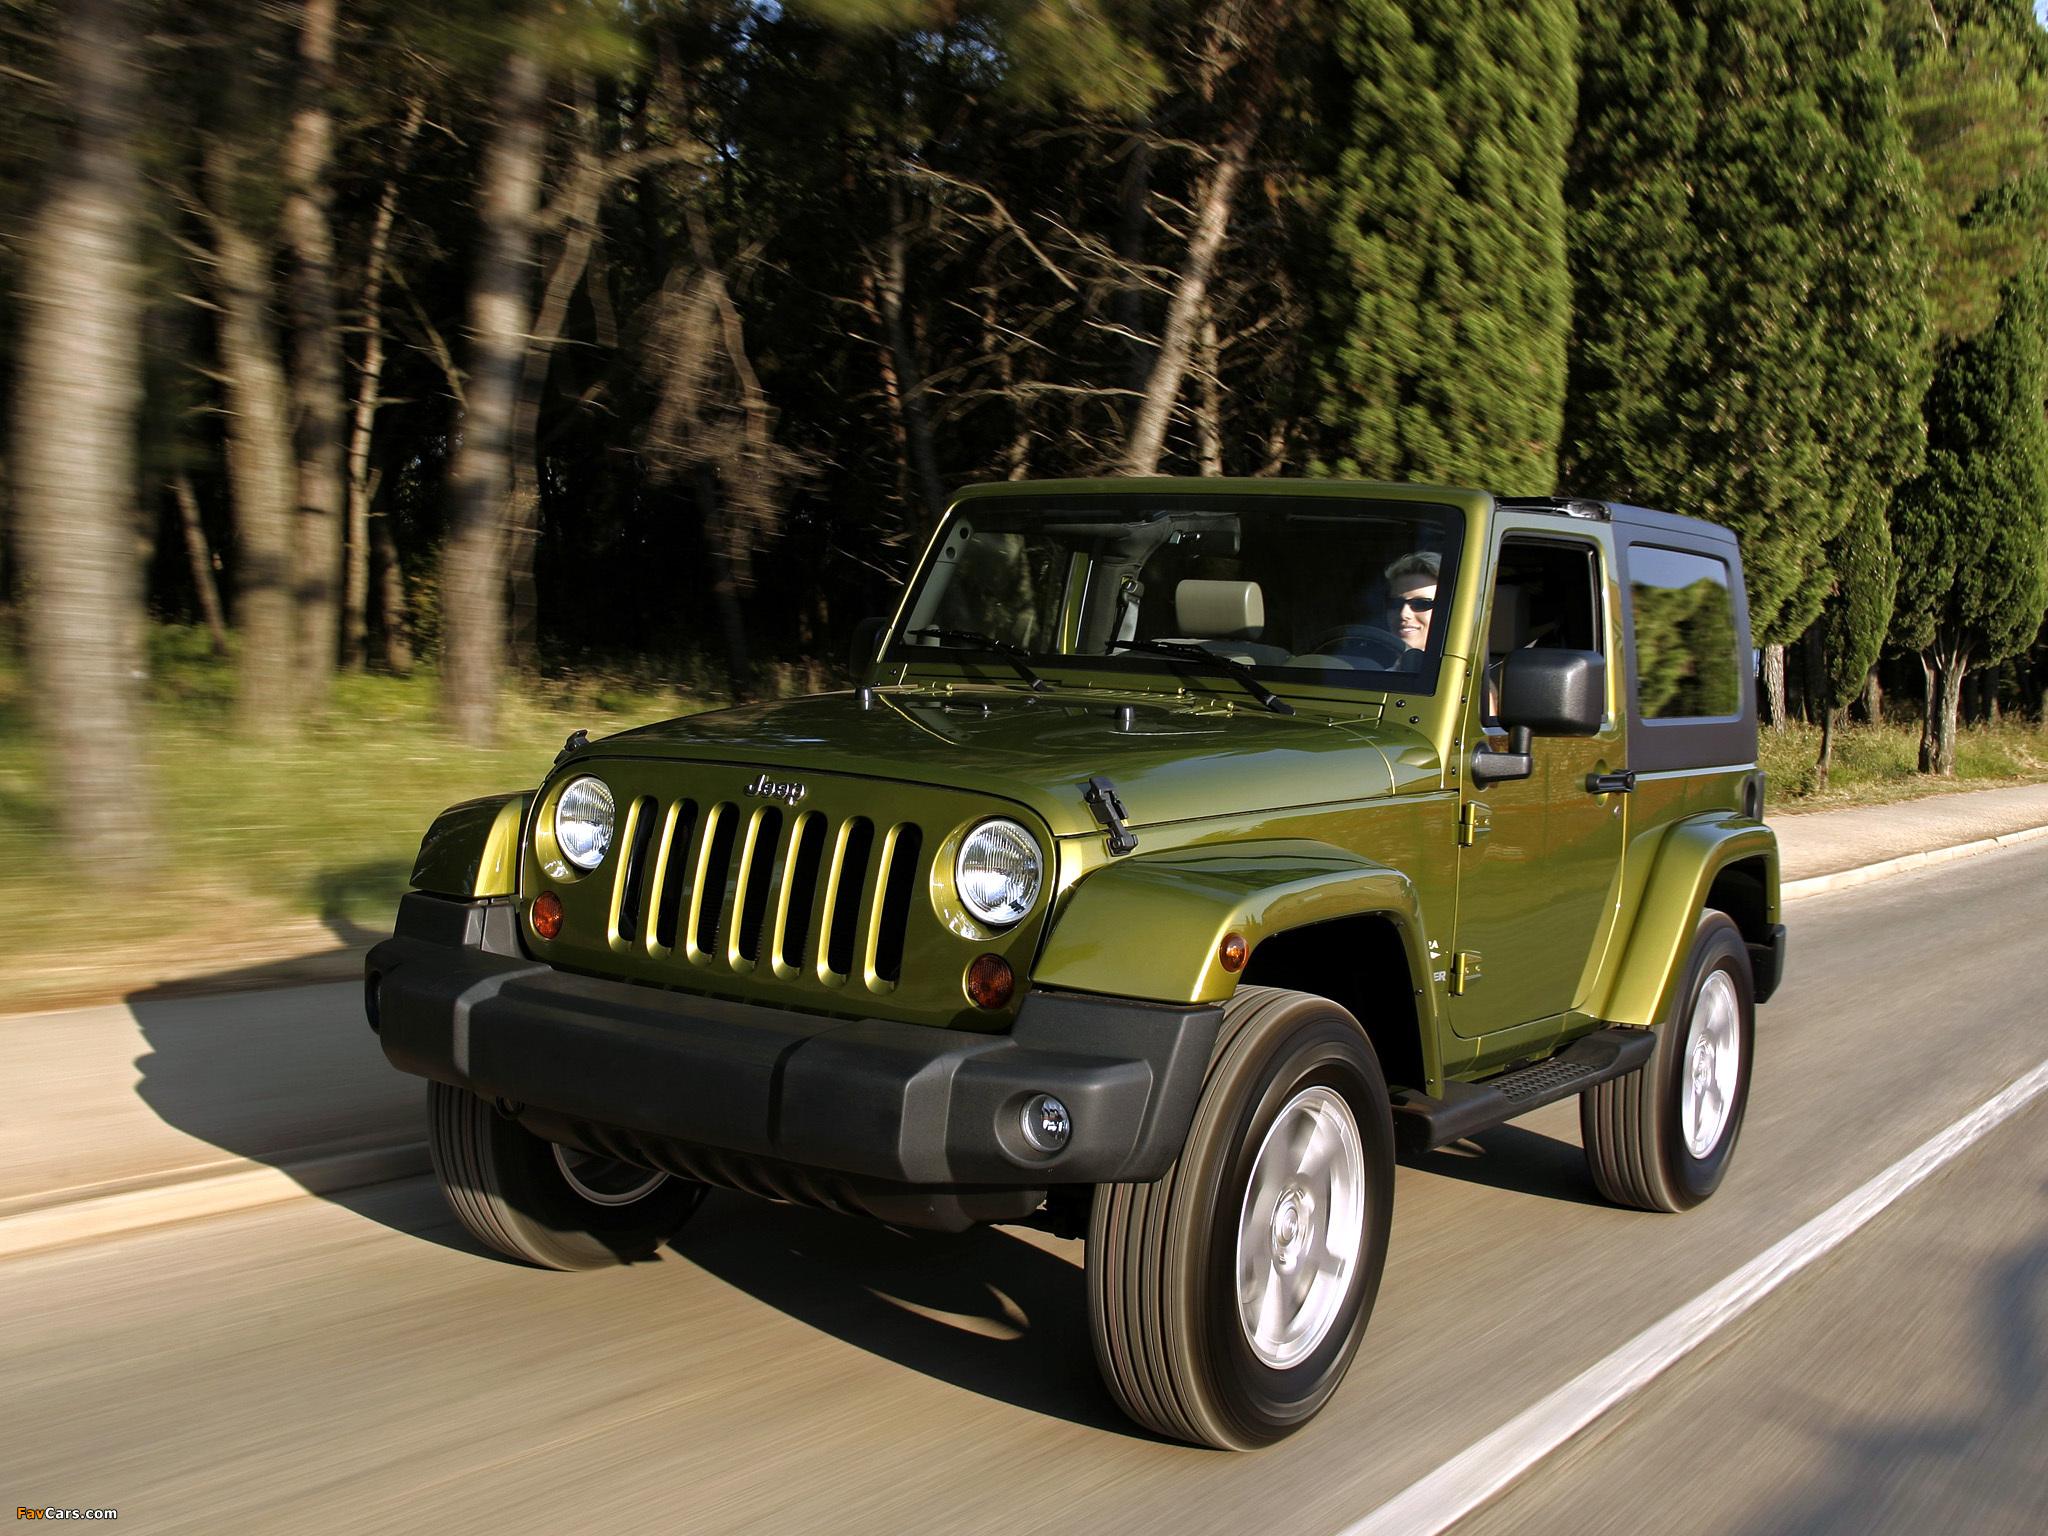 Jeep Wrangler Sahara (JK) 2007 photos (2048 x 1536)